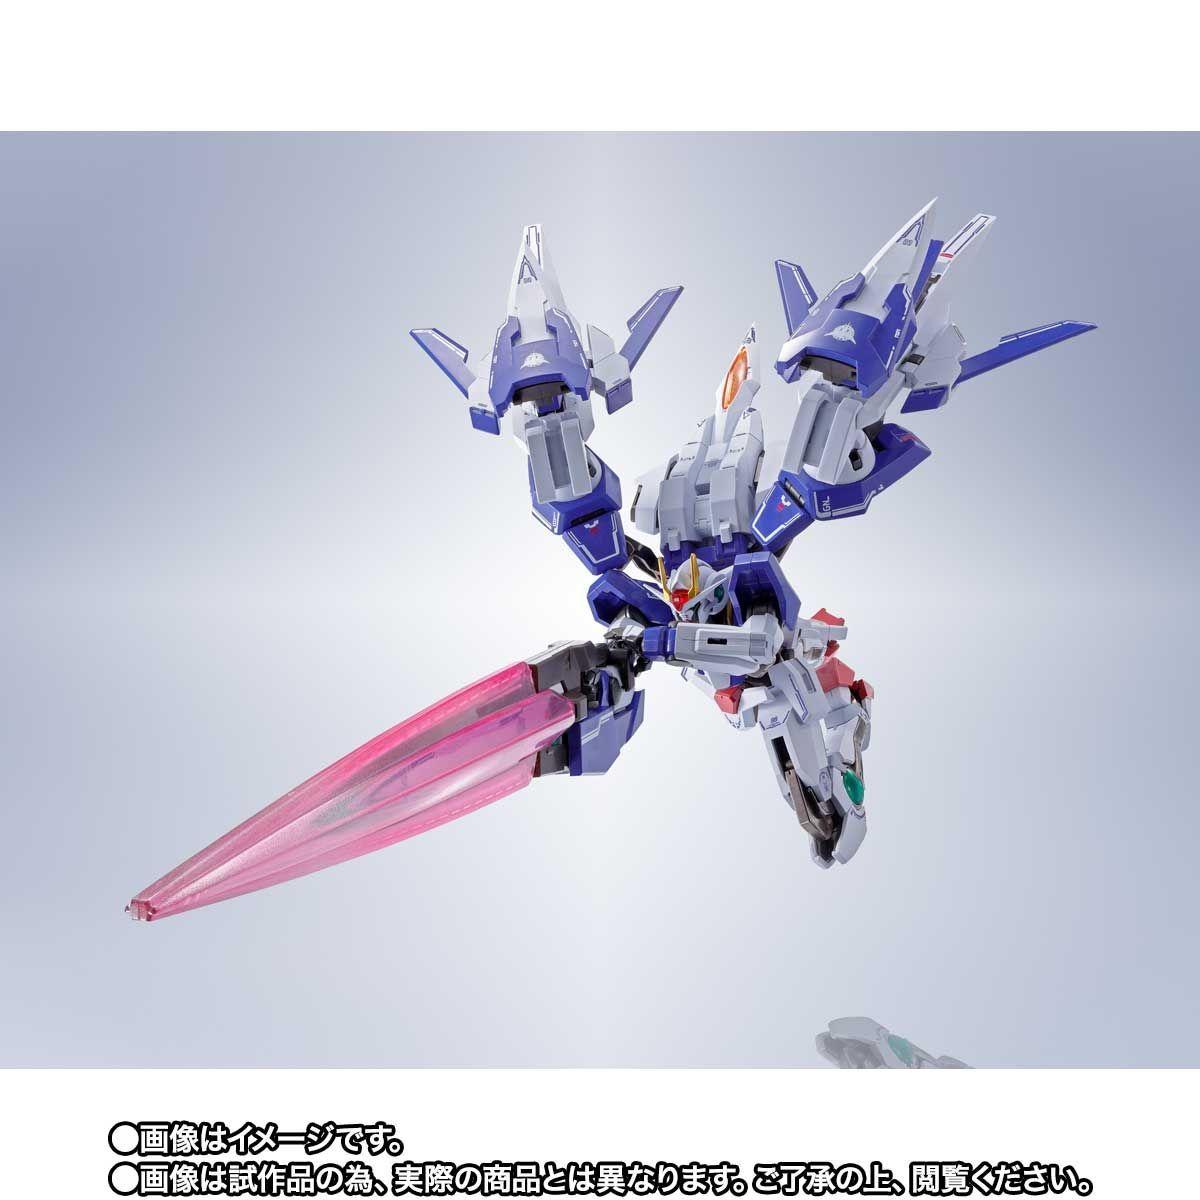 METAL ROBOT魂 ダブルオーザンライザーセブンソード_GNソードIIブラスターセット11